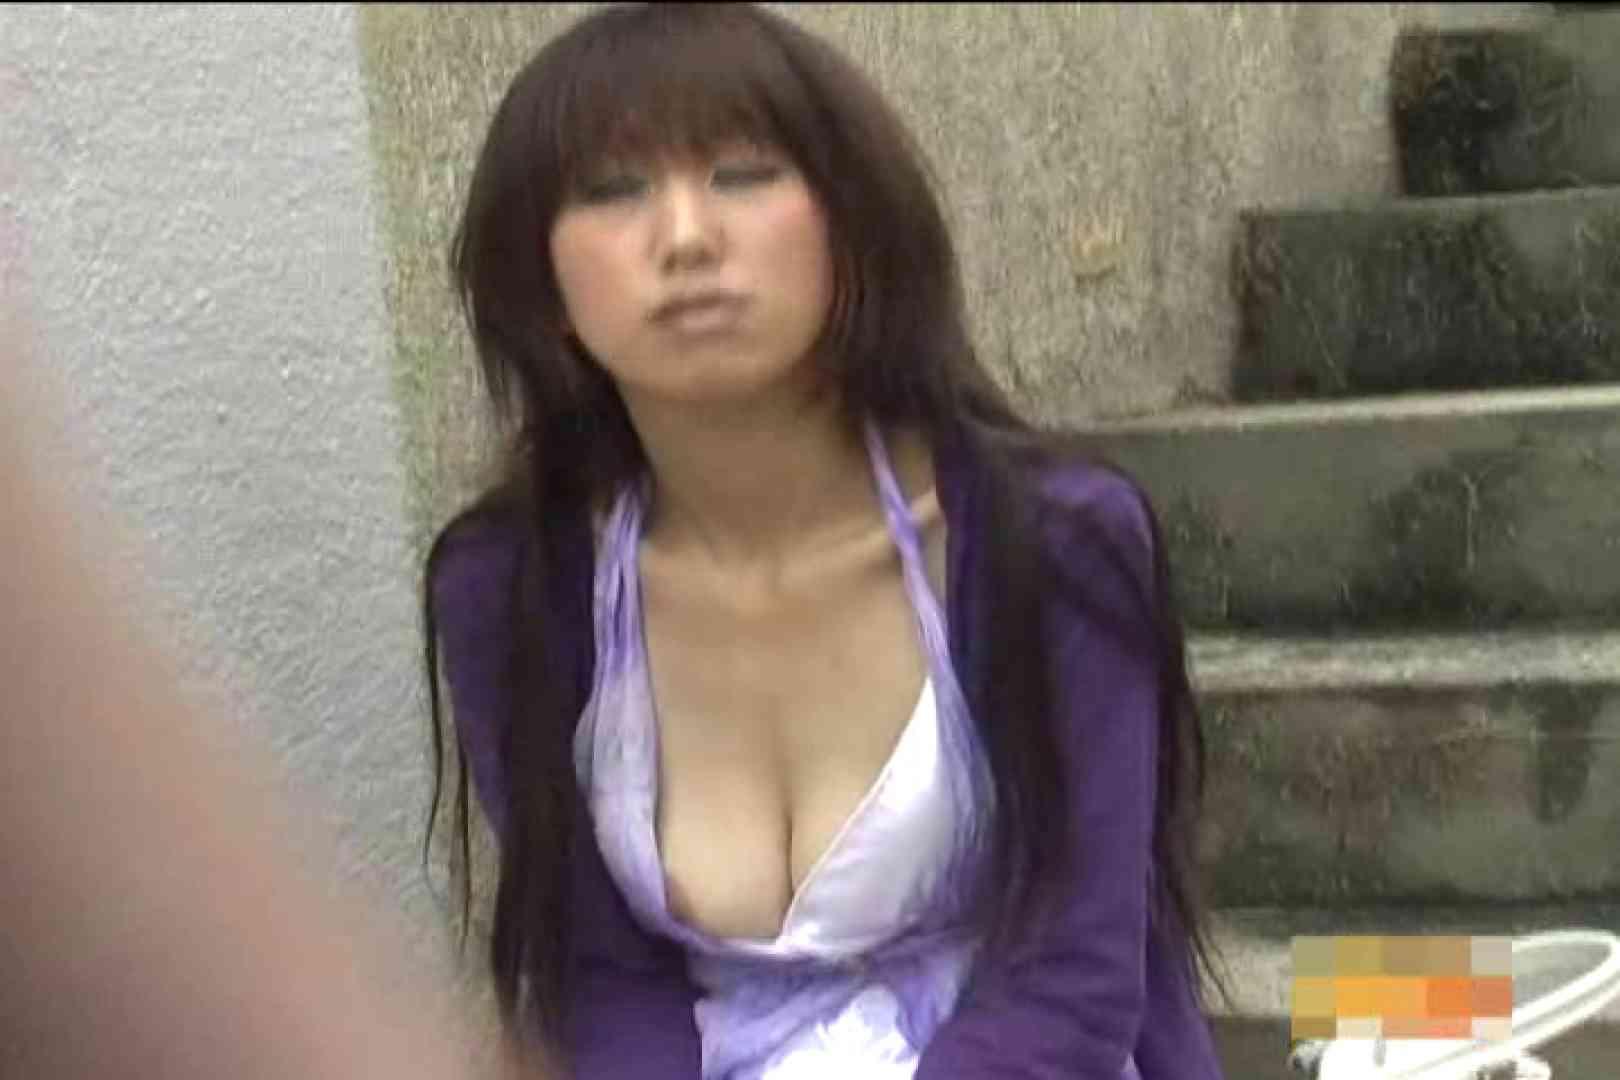 大胆露出胸チラギャル大量発生中!!Vol.1 チラ歓迎 性交動画流出 103pic 76